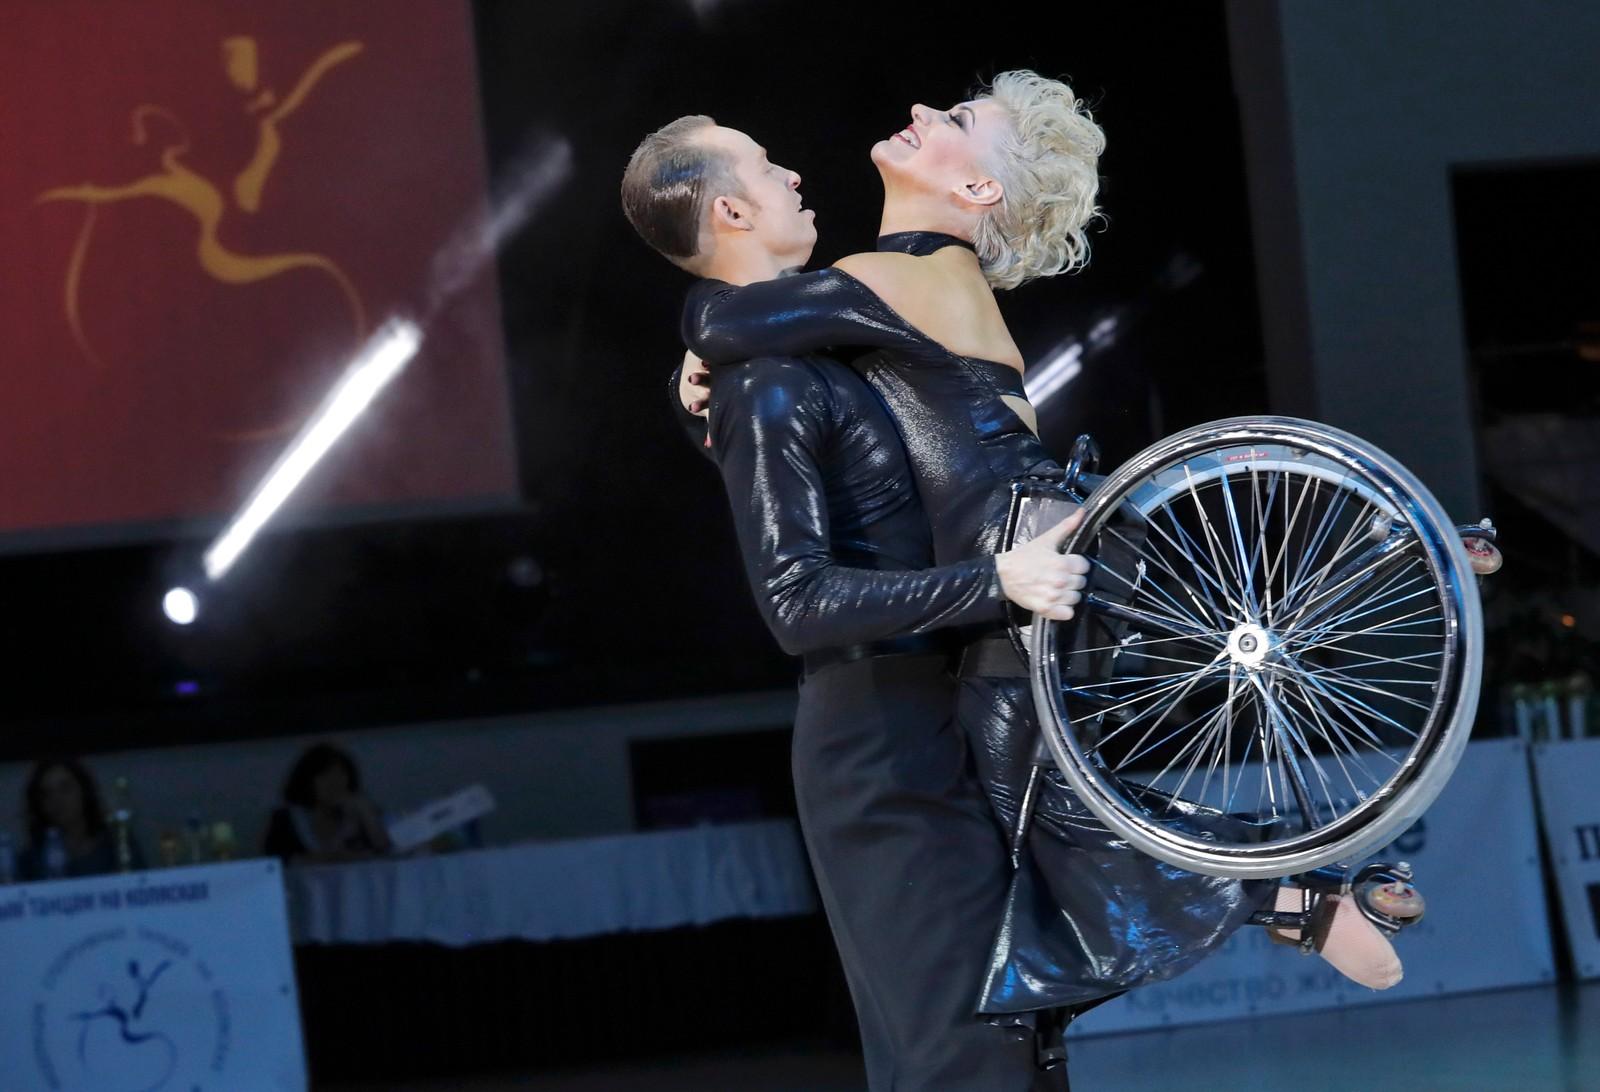 De russiske rullestoldanseparet Galina Ryzhkova og Vyacheslav Osipov svingte seg i dansen under et arrangement forrige helg.